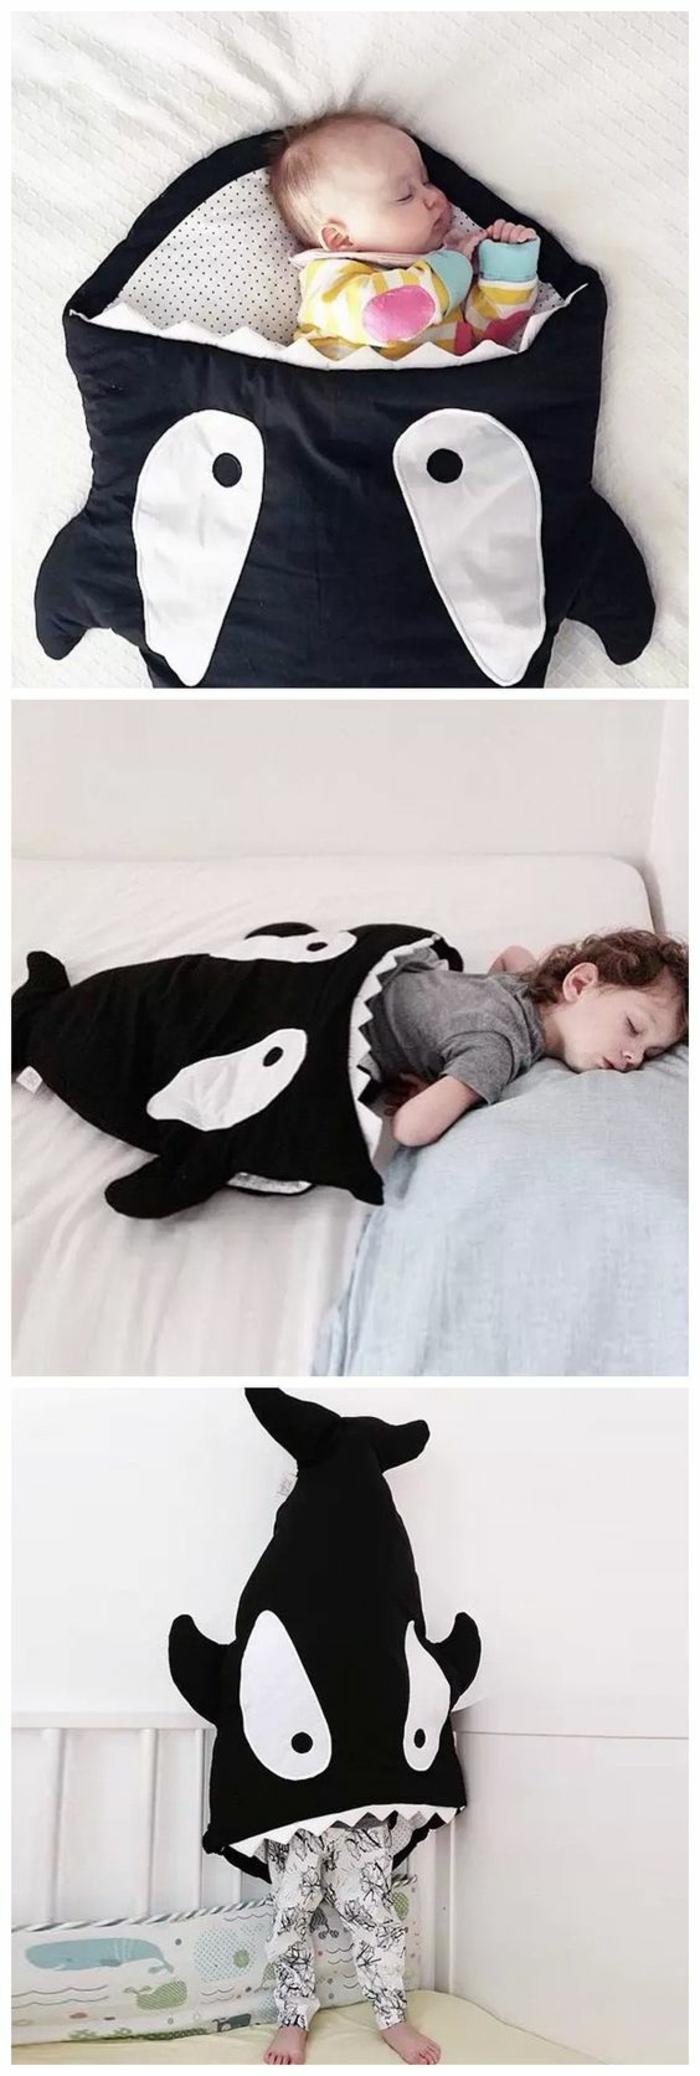 cadeau pour fille cocoon pour dormir et pour jouer dans la forme d'un requin en noir et blanc